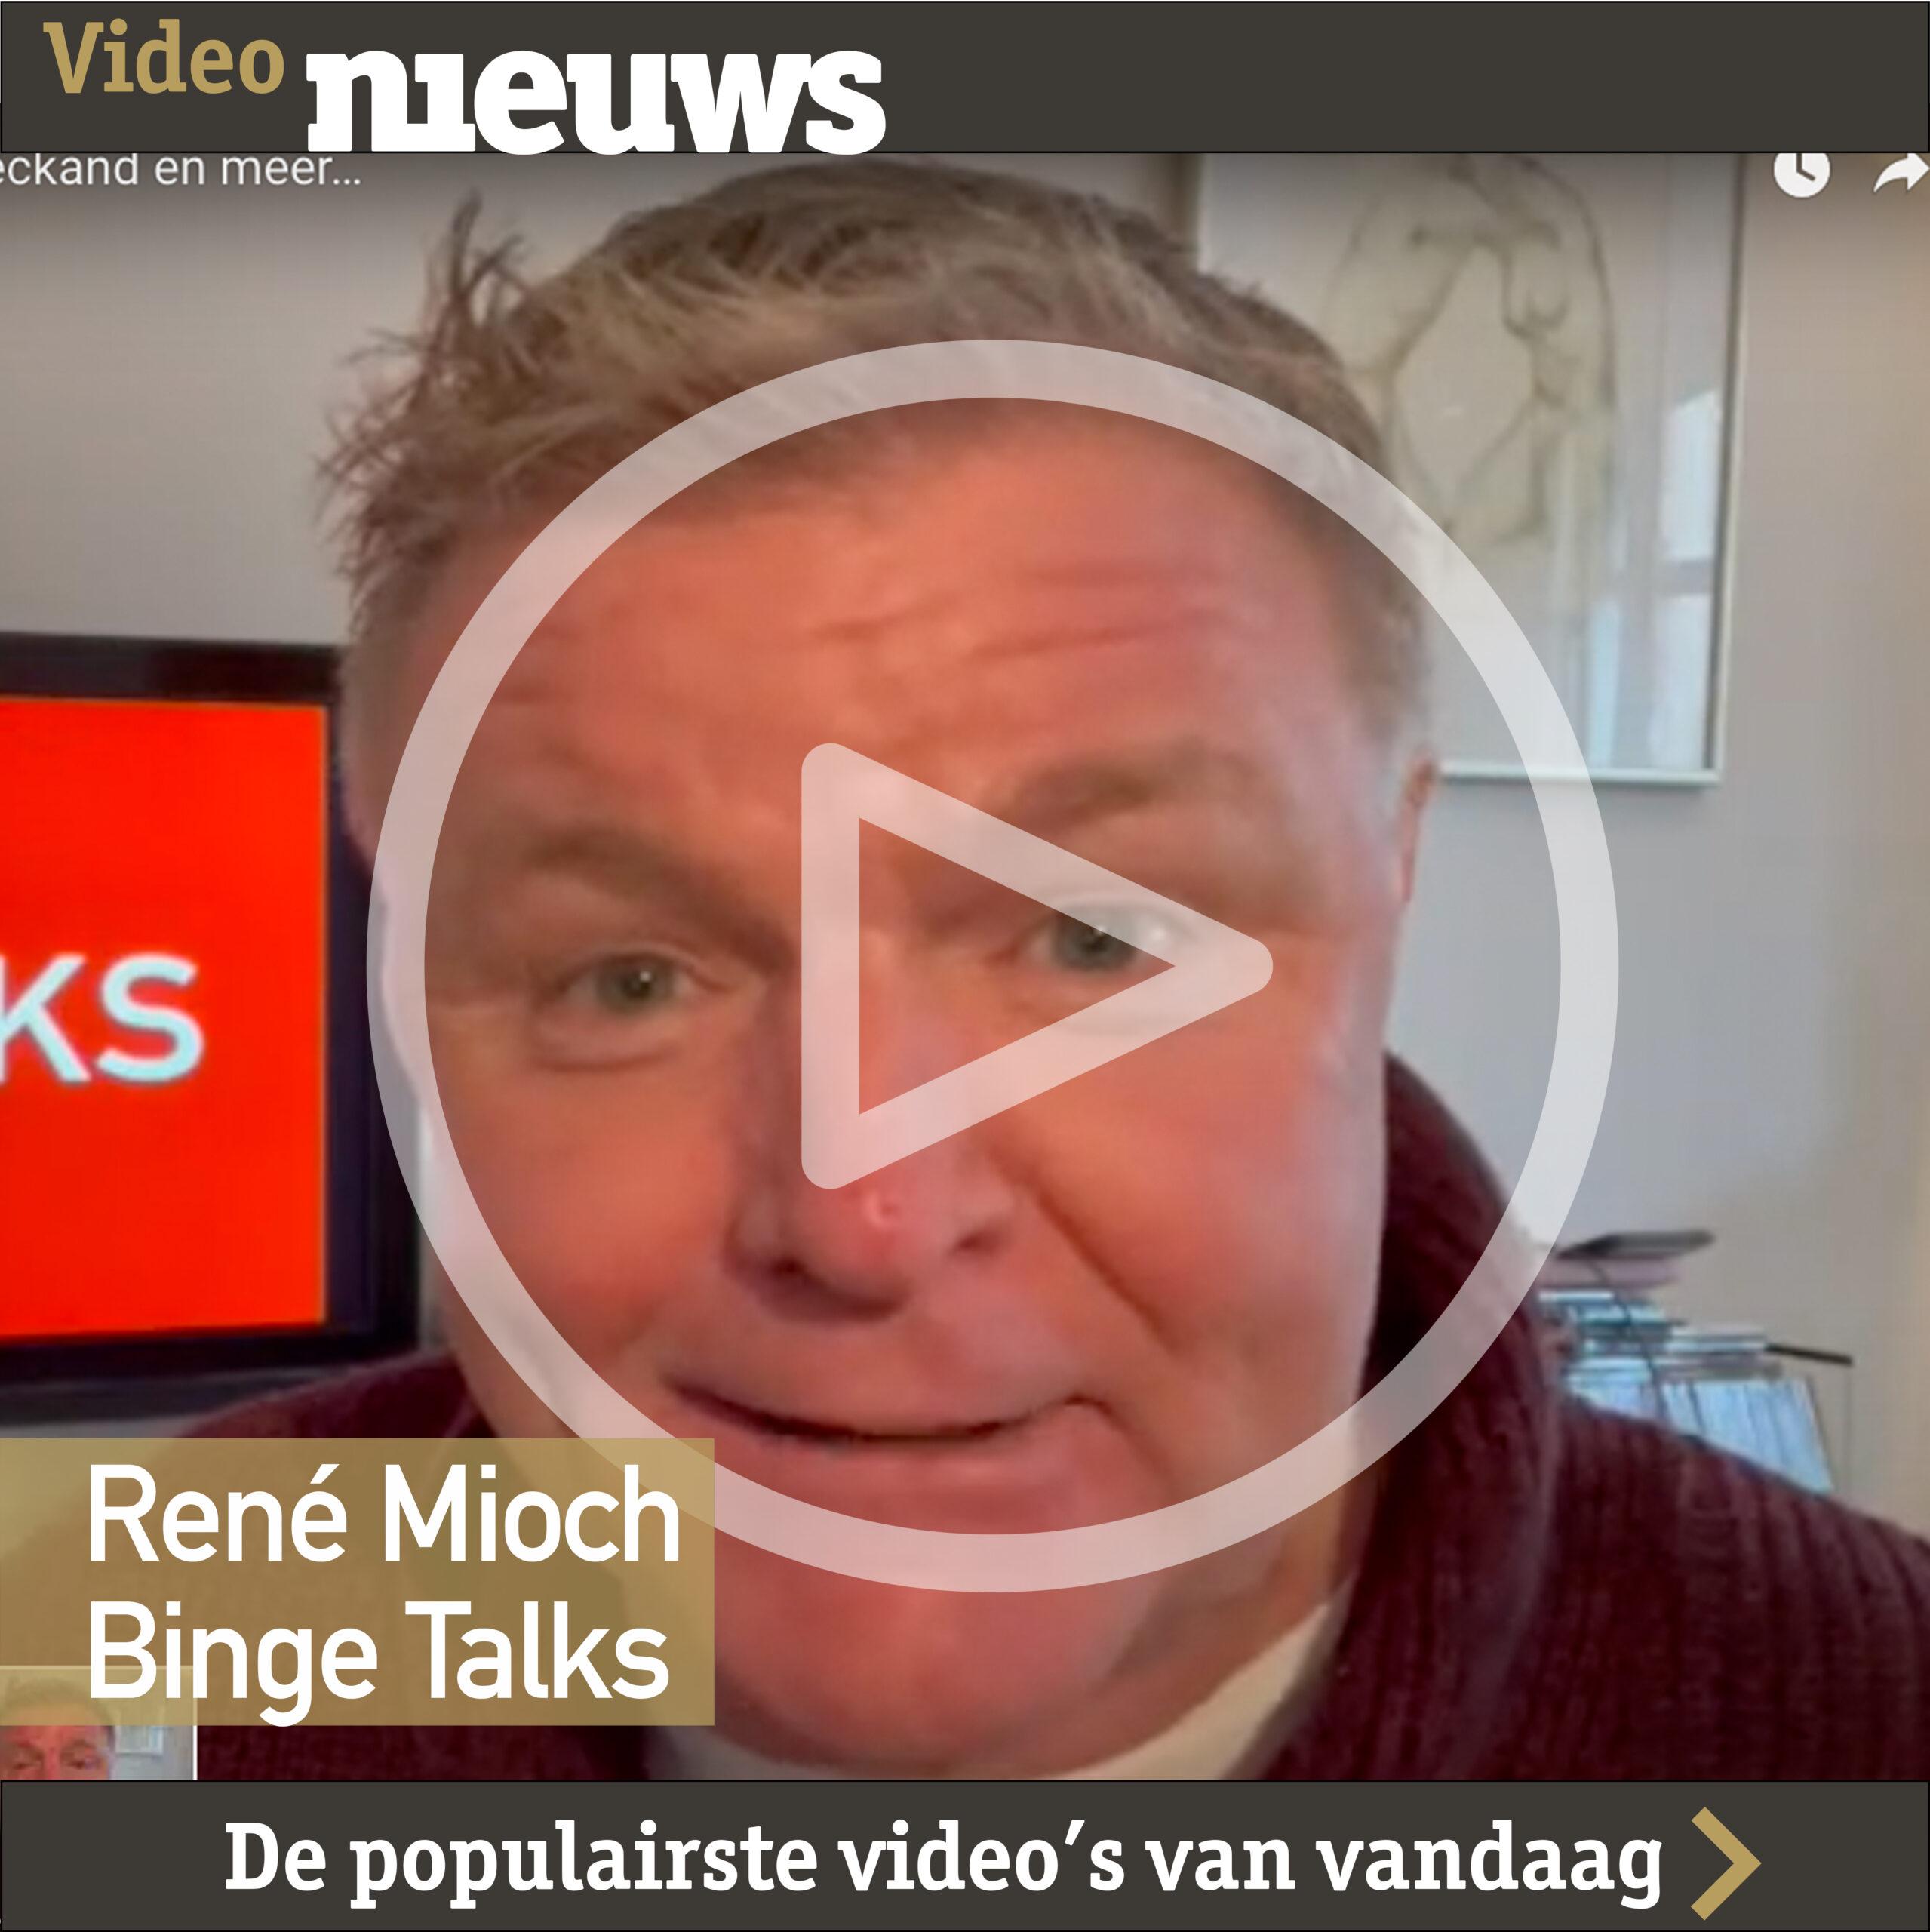 René Mioch Binge Talks Aflevering 4